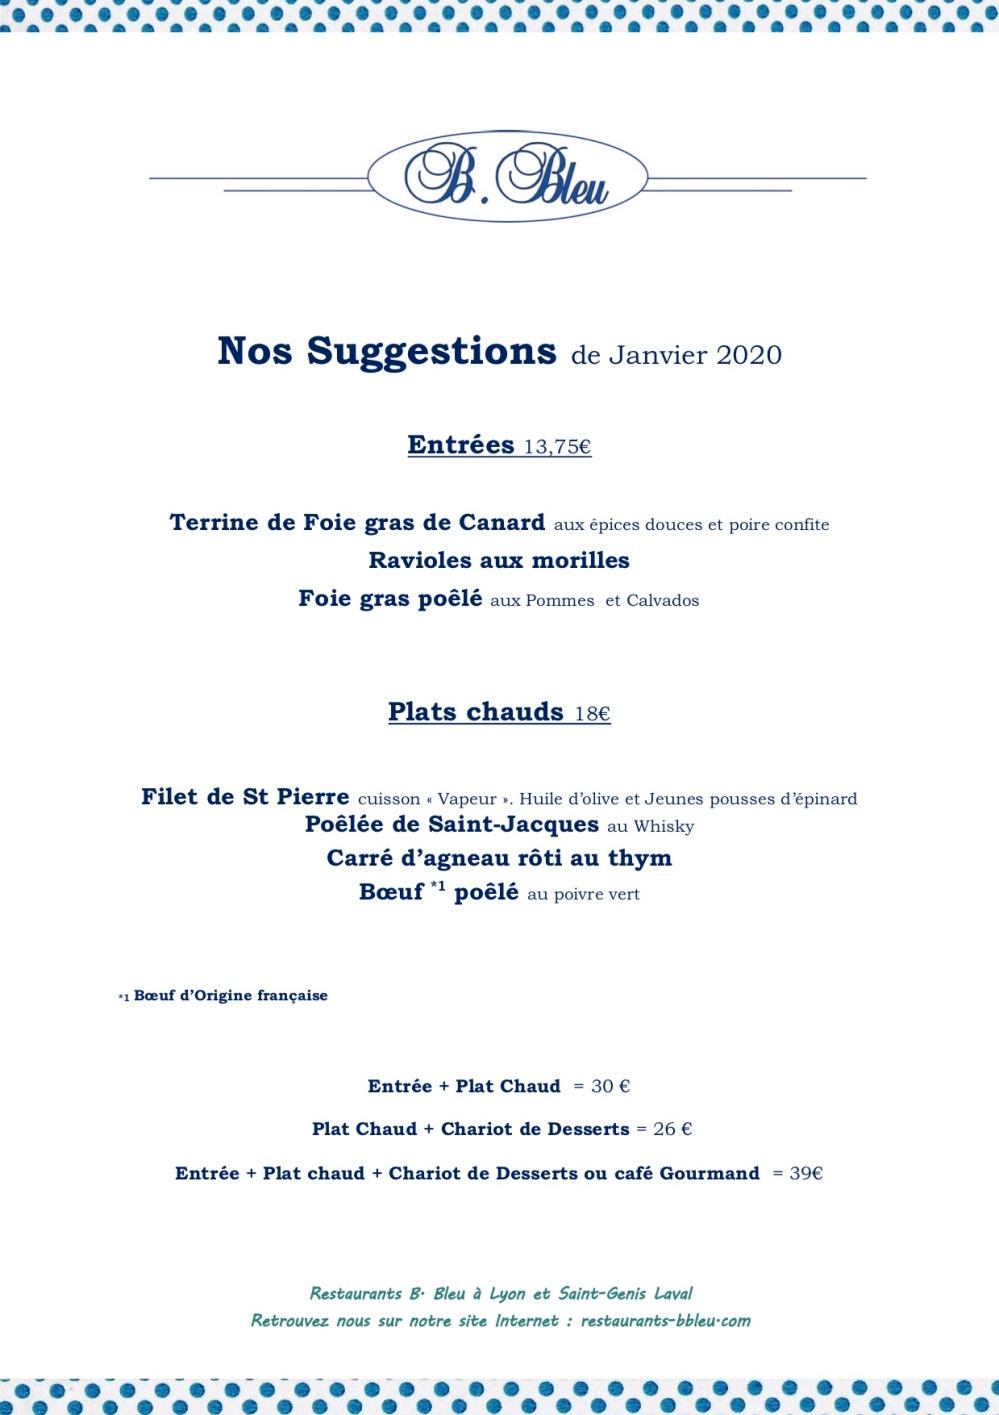 01 SUGGESTIONS de JANVIER 2020